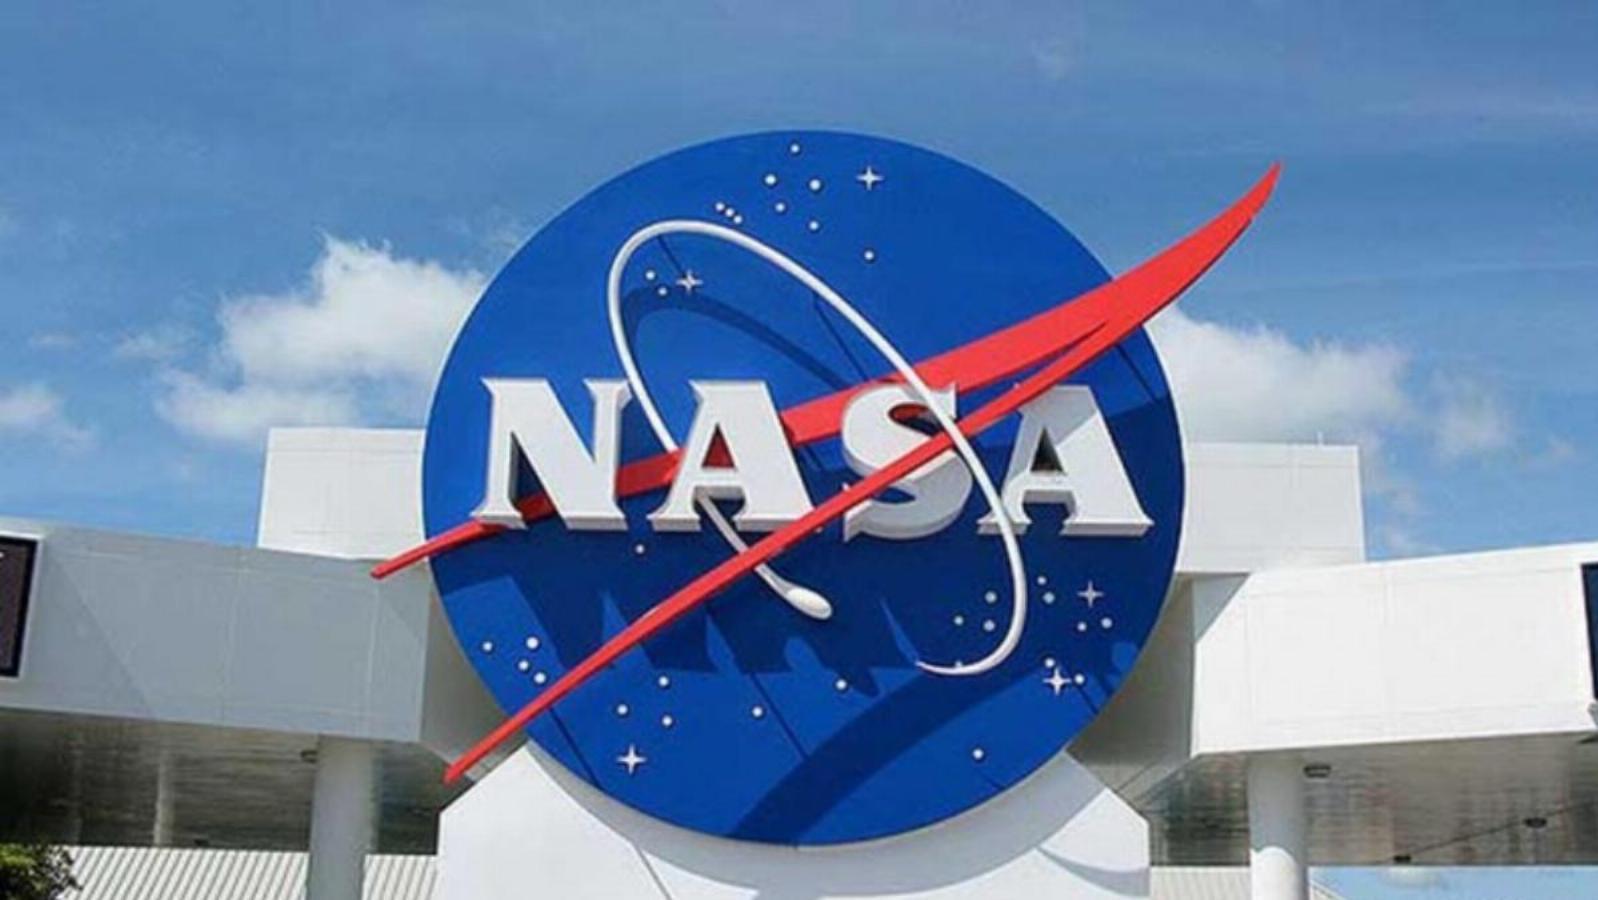 ۱۲ اختراع مفید و پرکاربرد که وجود آنها را مدیون ناسا هستیم